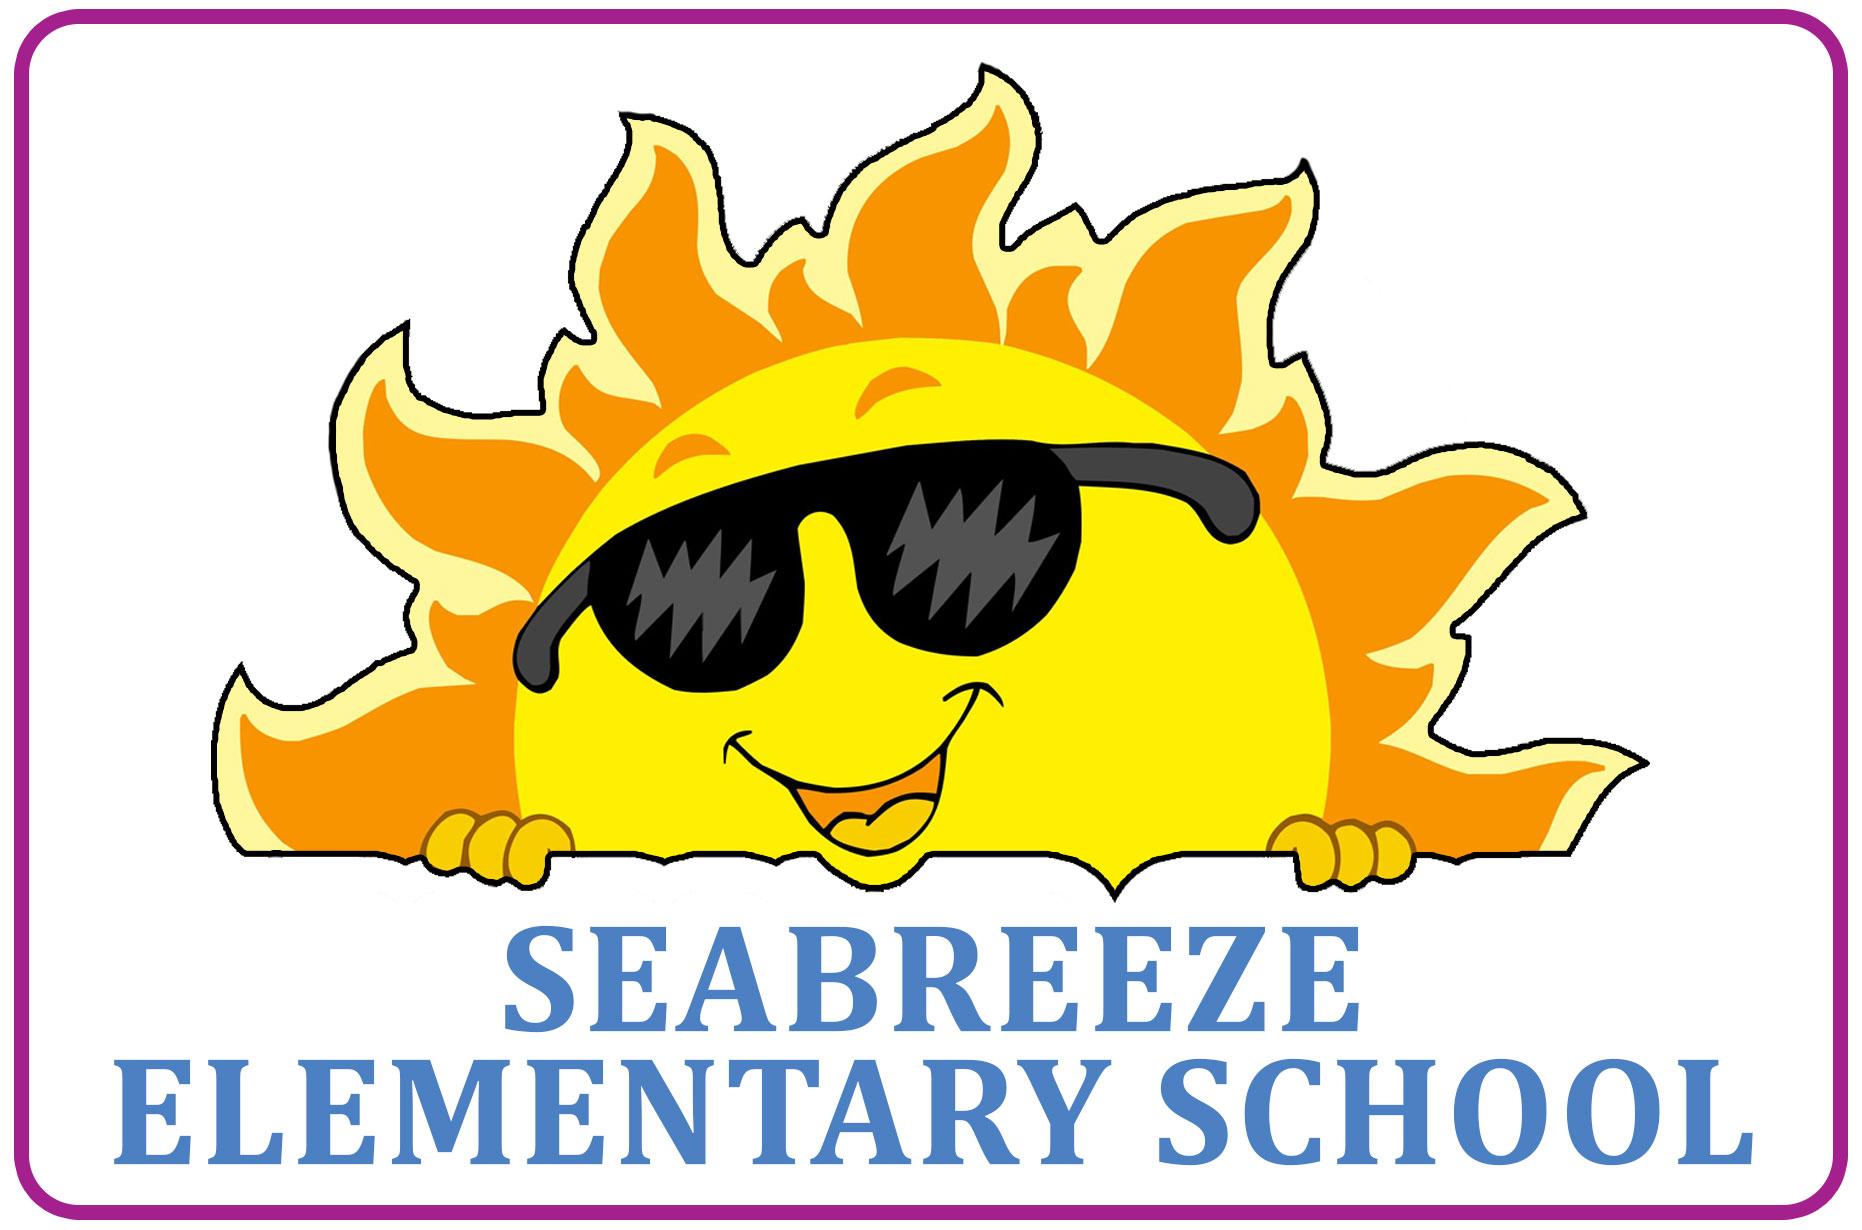 Seabreeze Elementary School